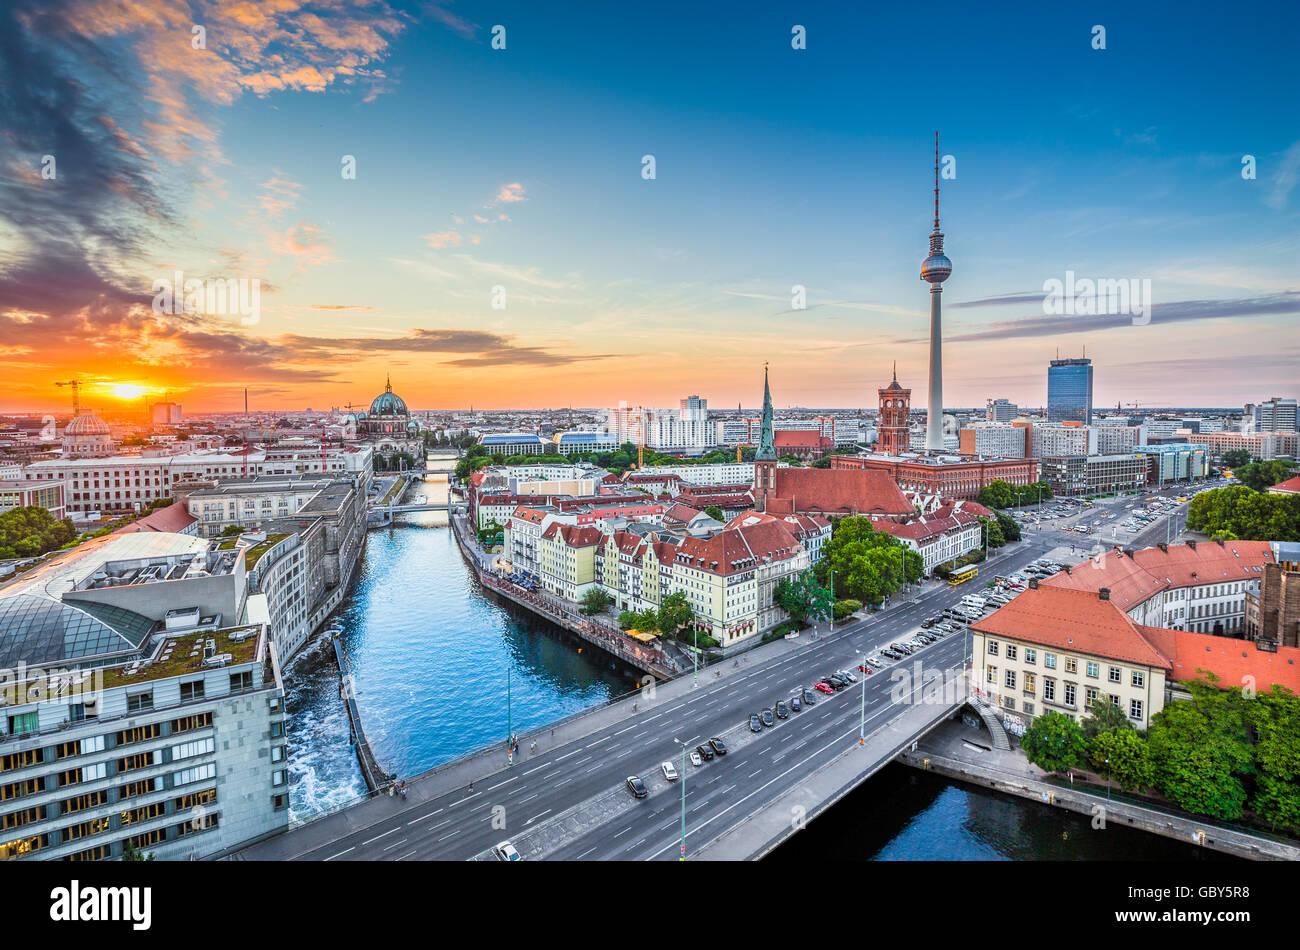 Vista aérea del skyline de Berlín con la famosa torre de TV y el río Spree en la hermosa luz del Imagen De Stock